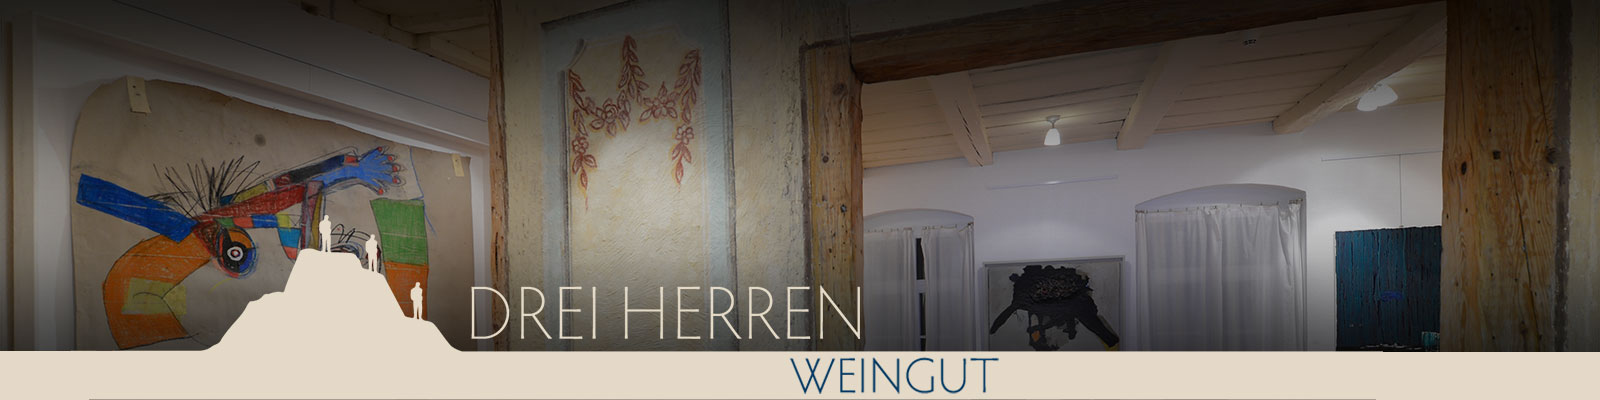 Header02_Wein-und-Kunst_1600x400